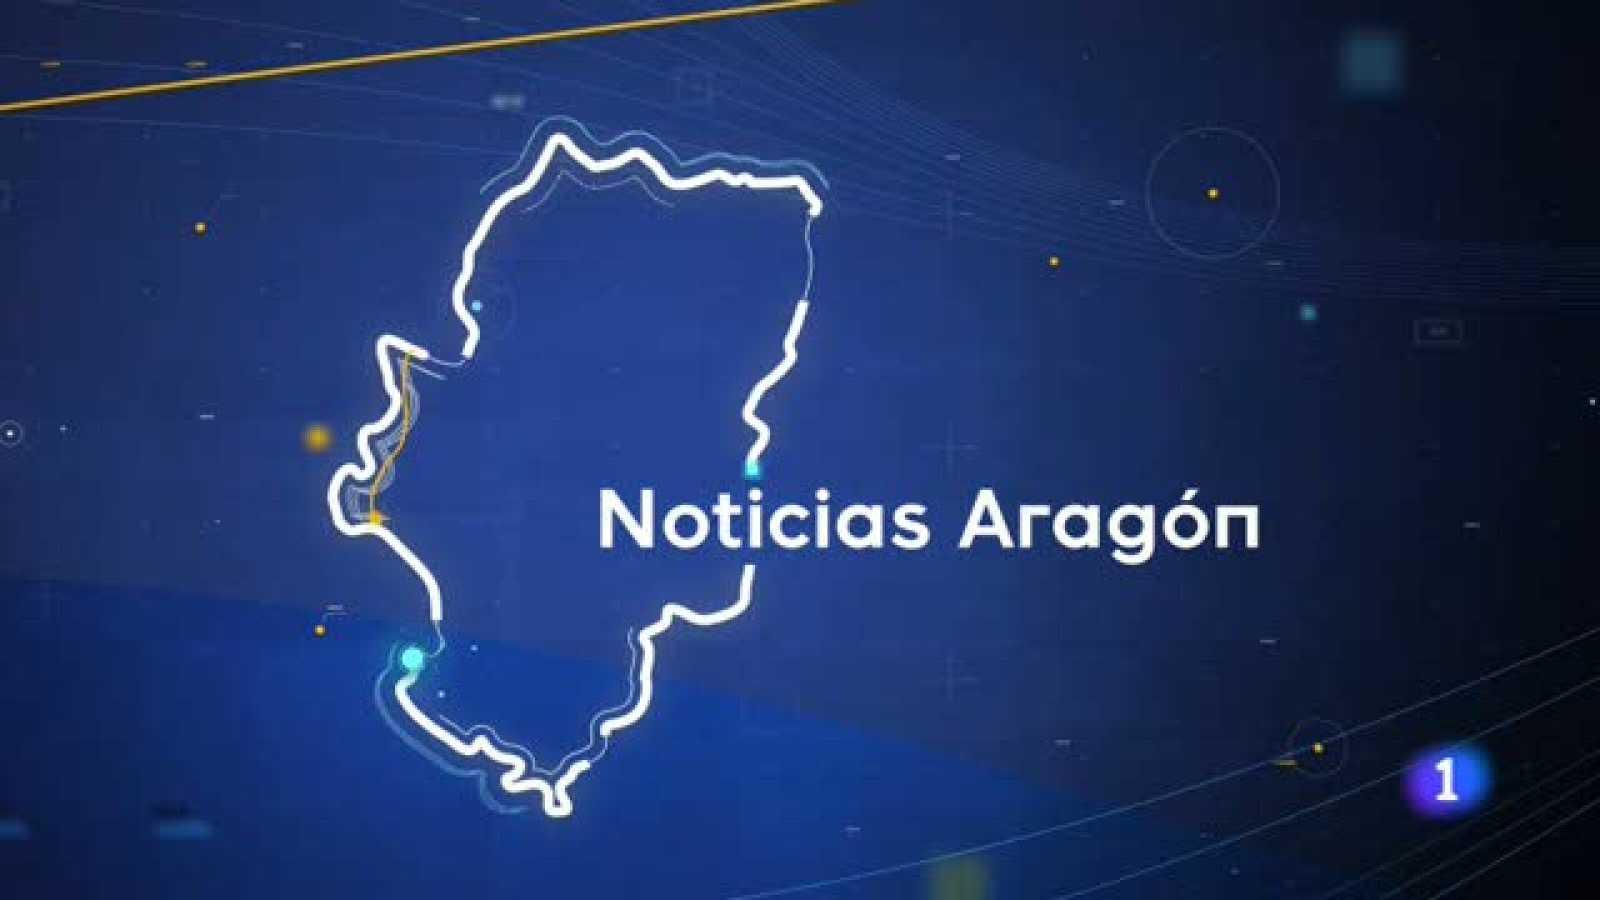 Aragón en 2 - 16/04/21 - Ver ahora